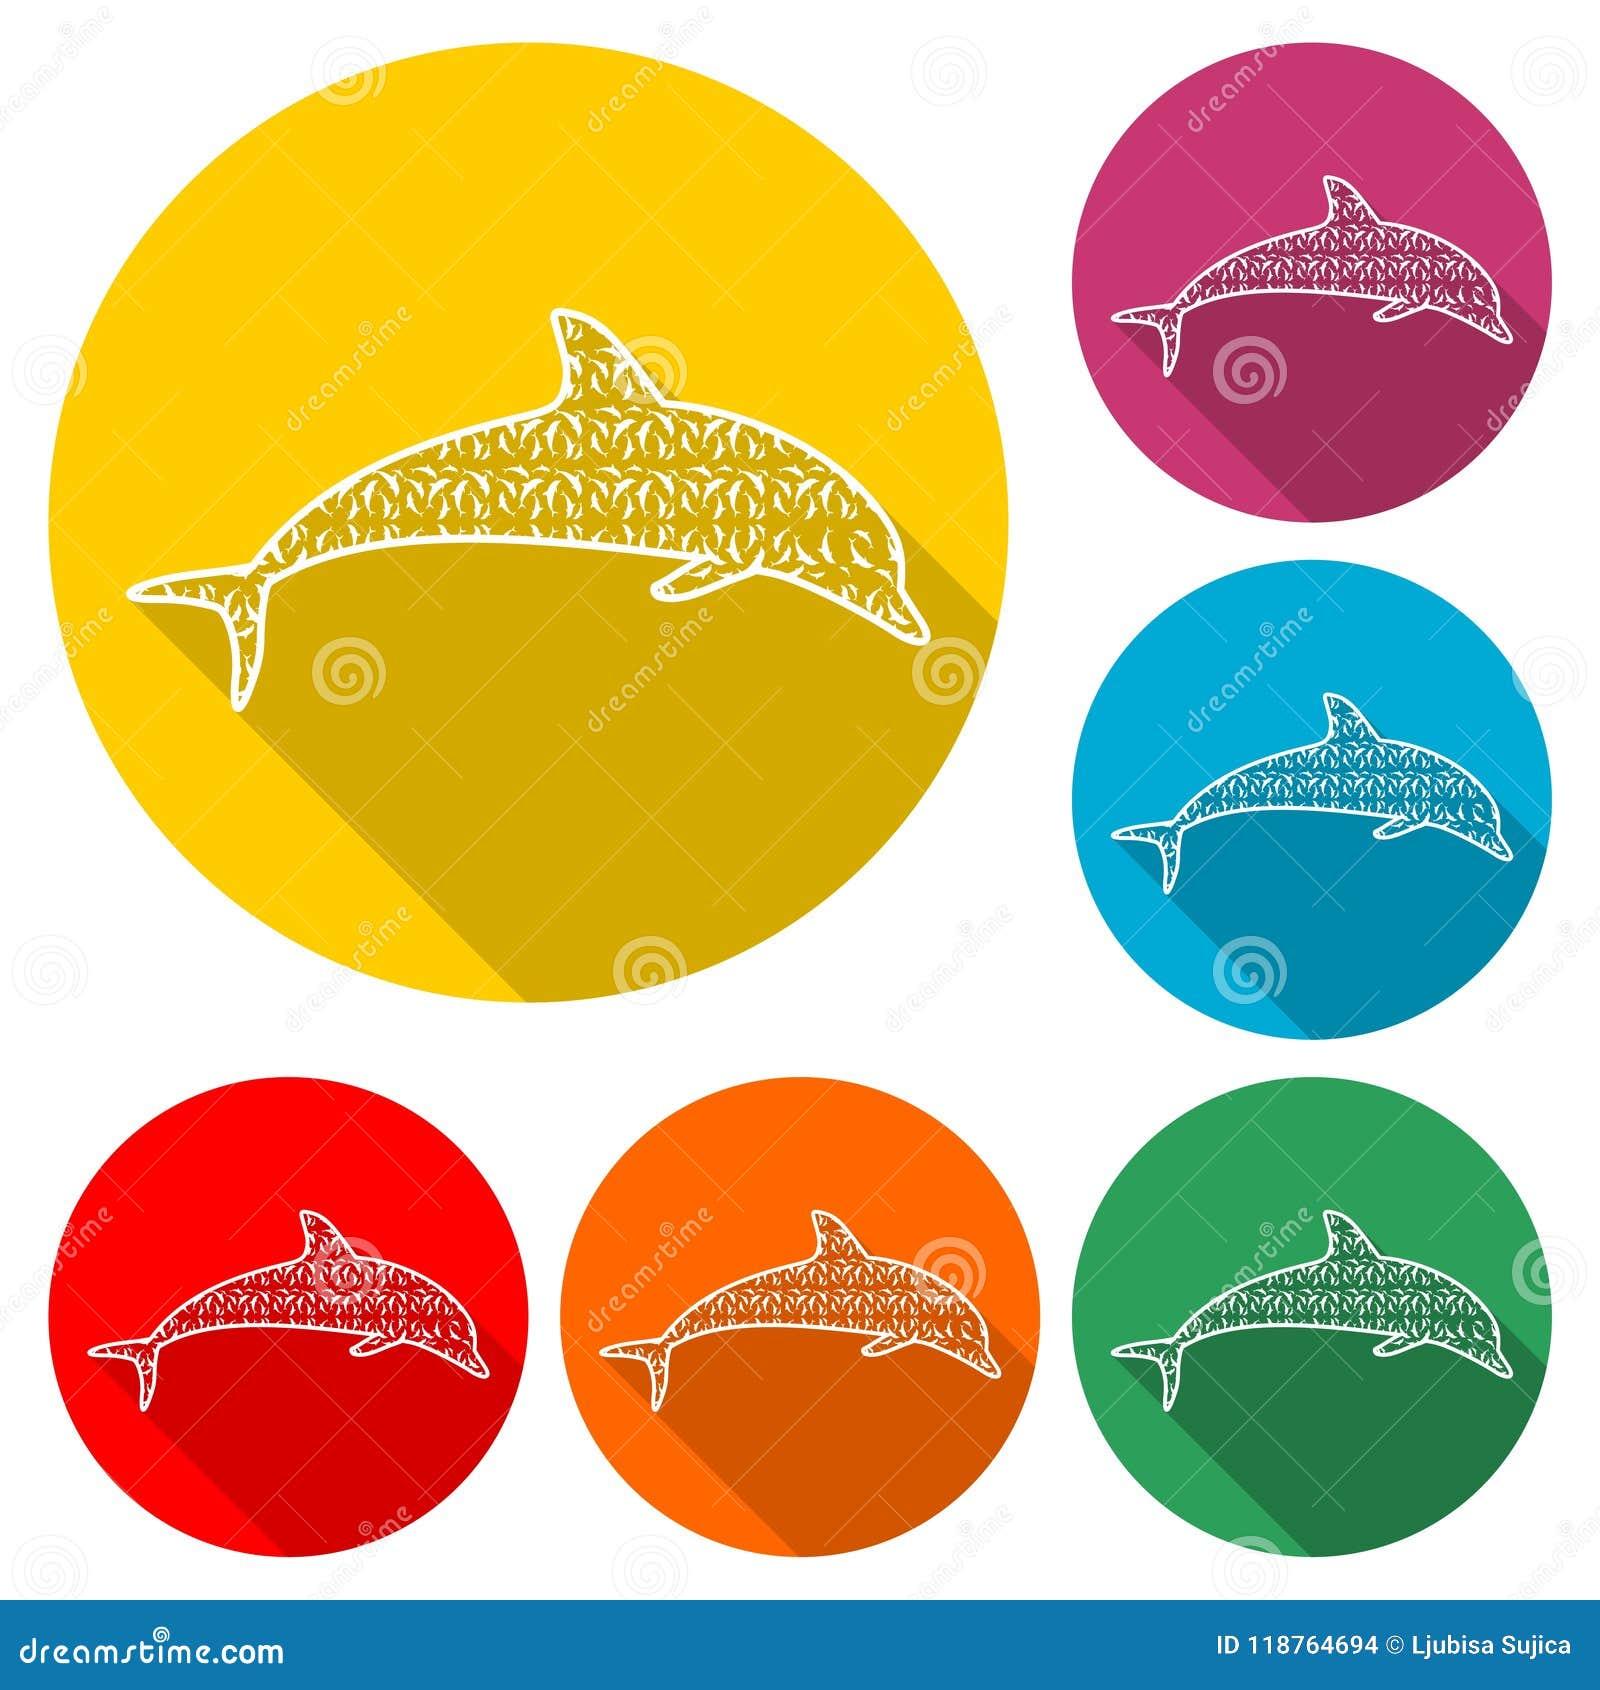 Delfin sylwetki rybia zwierzęca ikona, sylwetka delfin, kolor ikona z długim cieniem